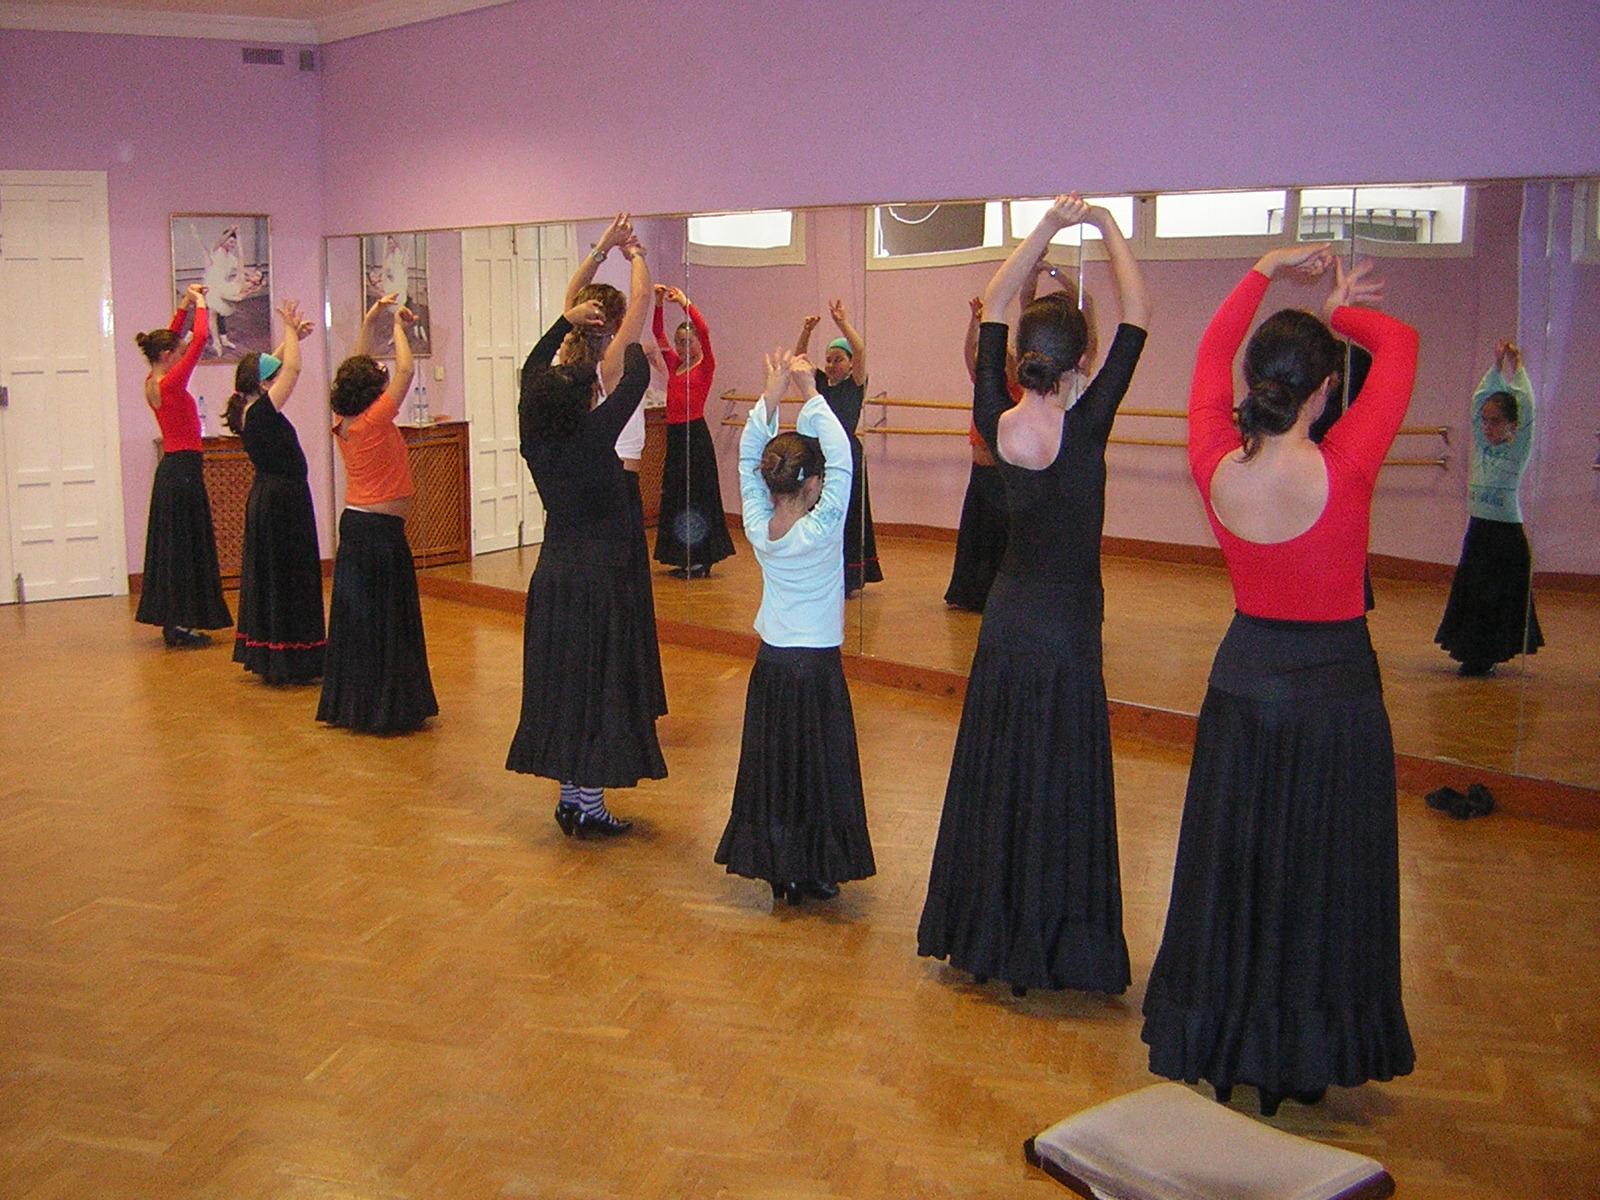 Los alumnos de la Escuela de Música y Danza de Valdepeñas celebran en febrero actividades para conmemorar el 30 aniversario